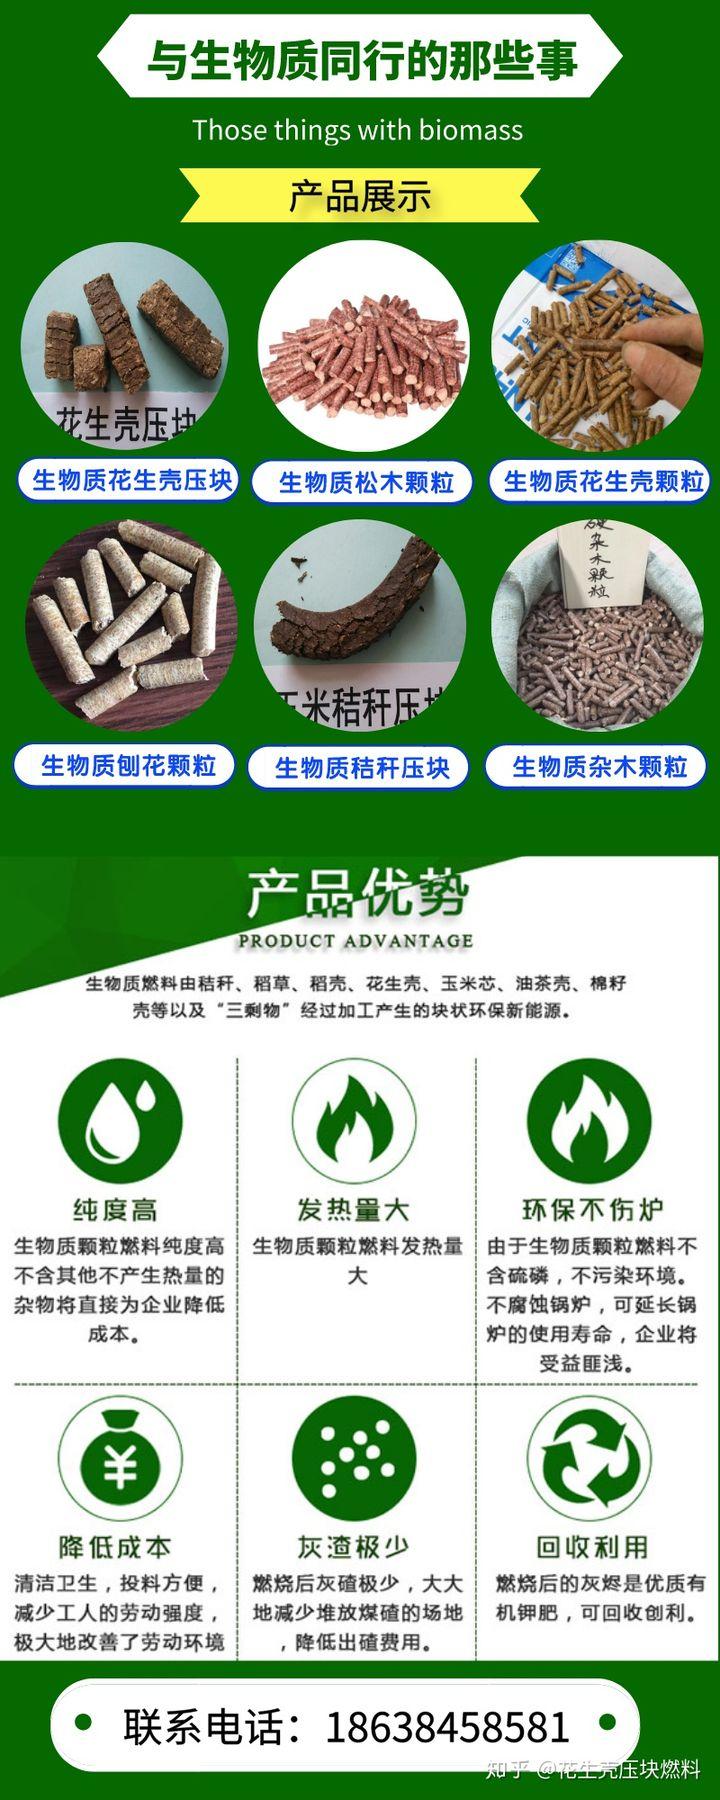 河南南阳花生壳压块厂家,买生物质压块燃料就到专业厂家来